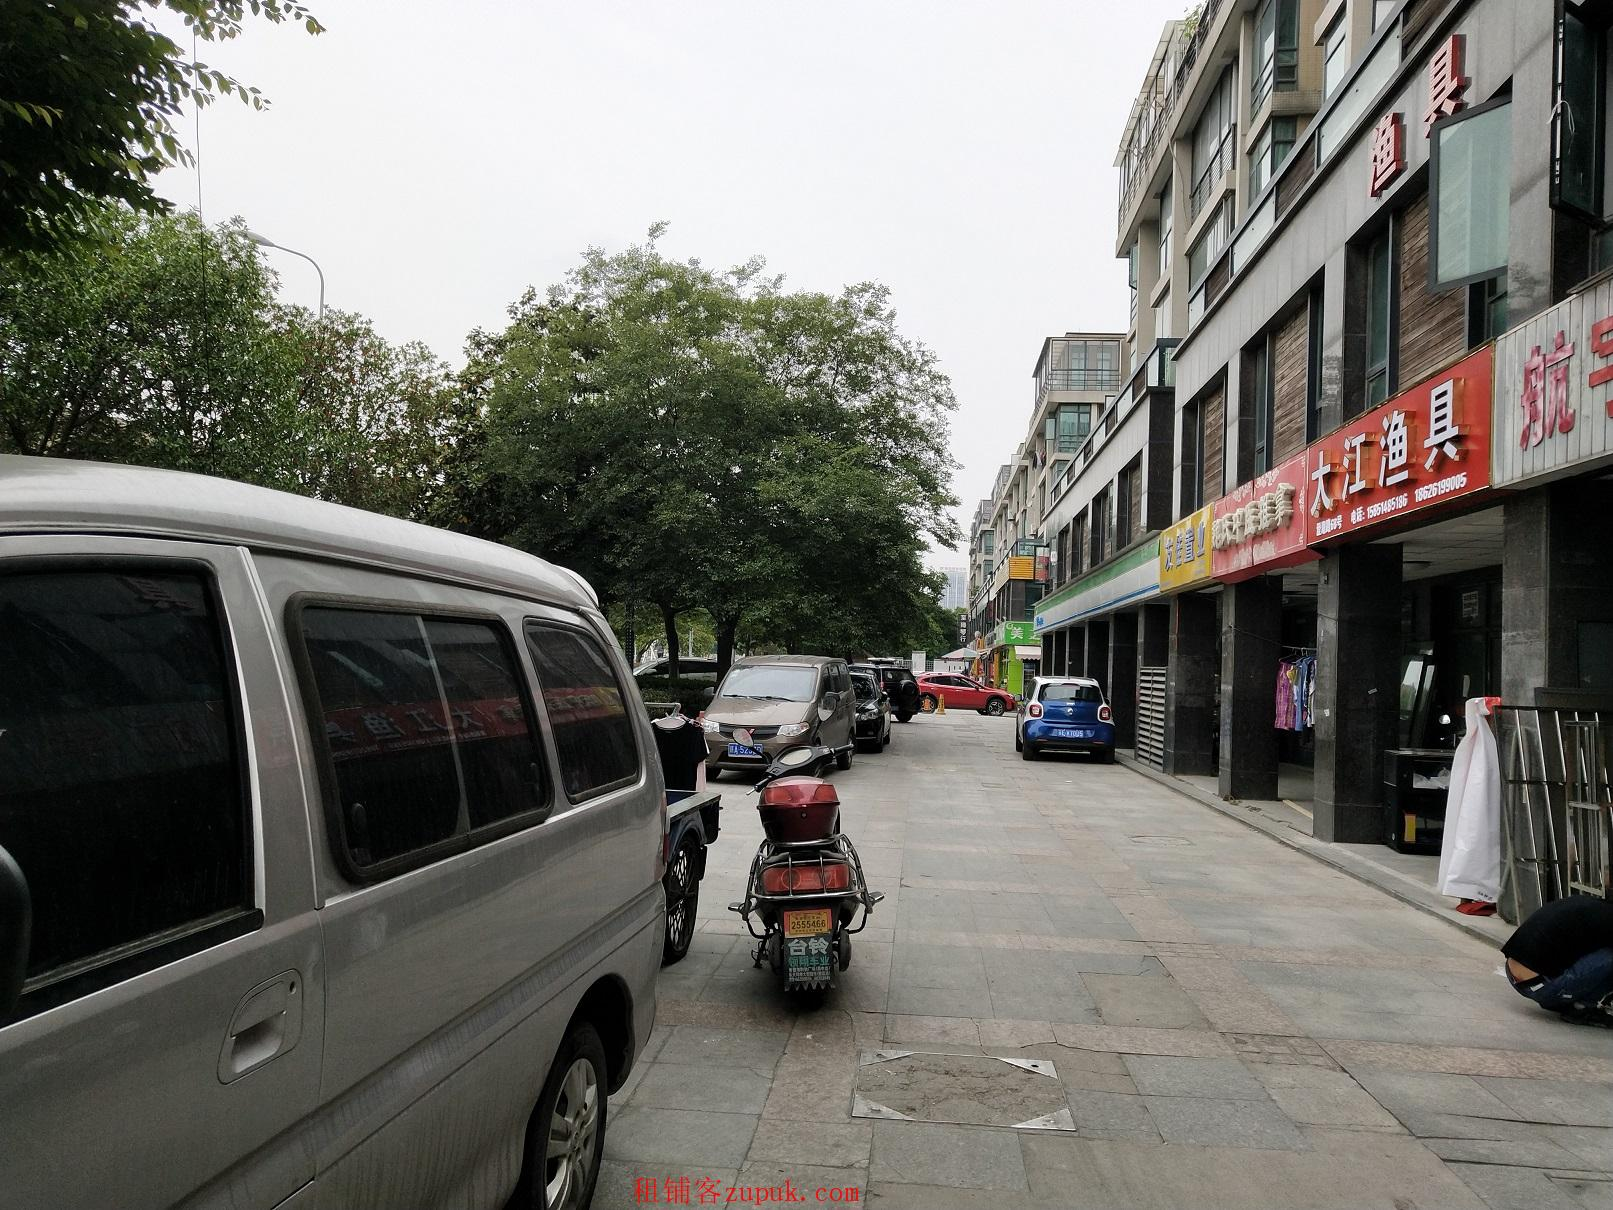 澄湖路沿街 55平米单开间门面 可住人 年租4.5万